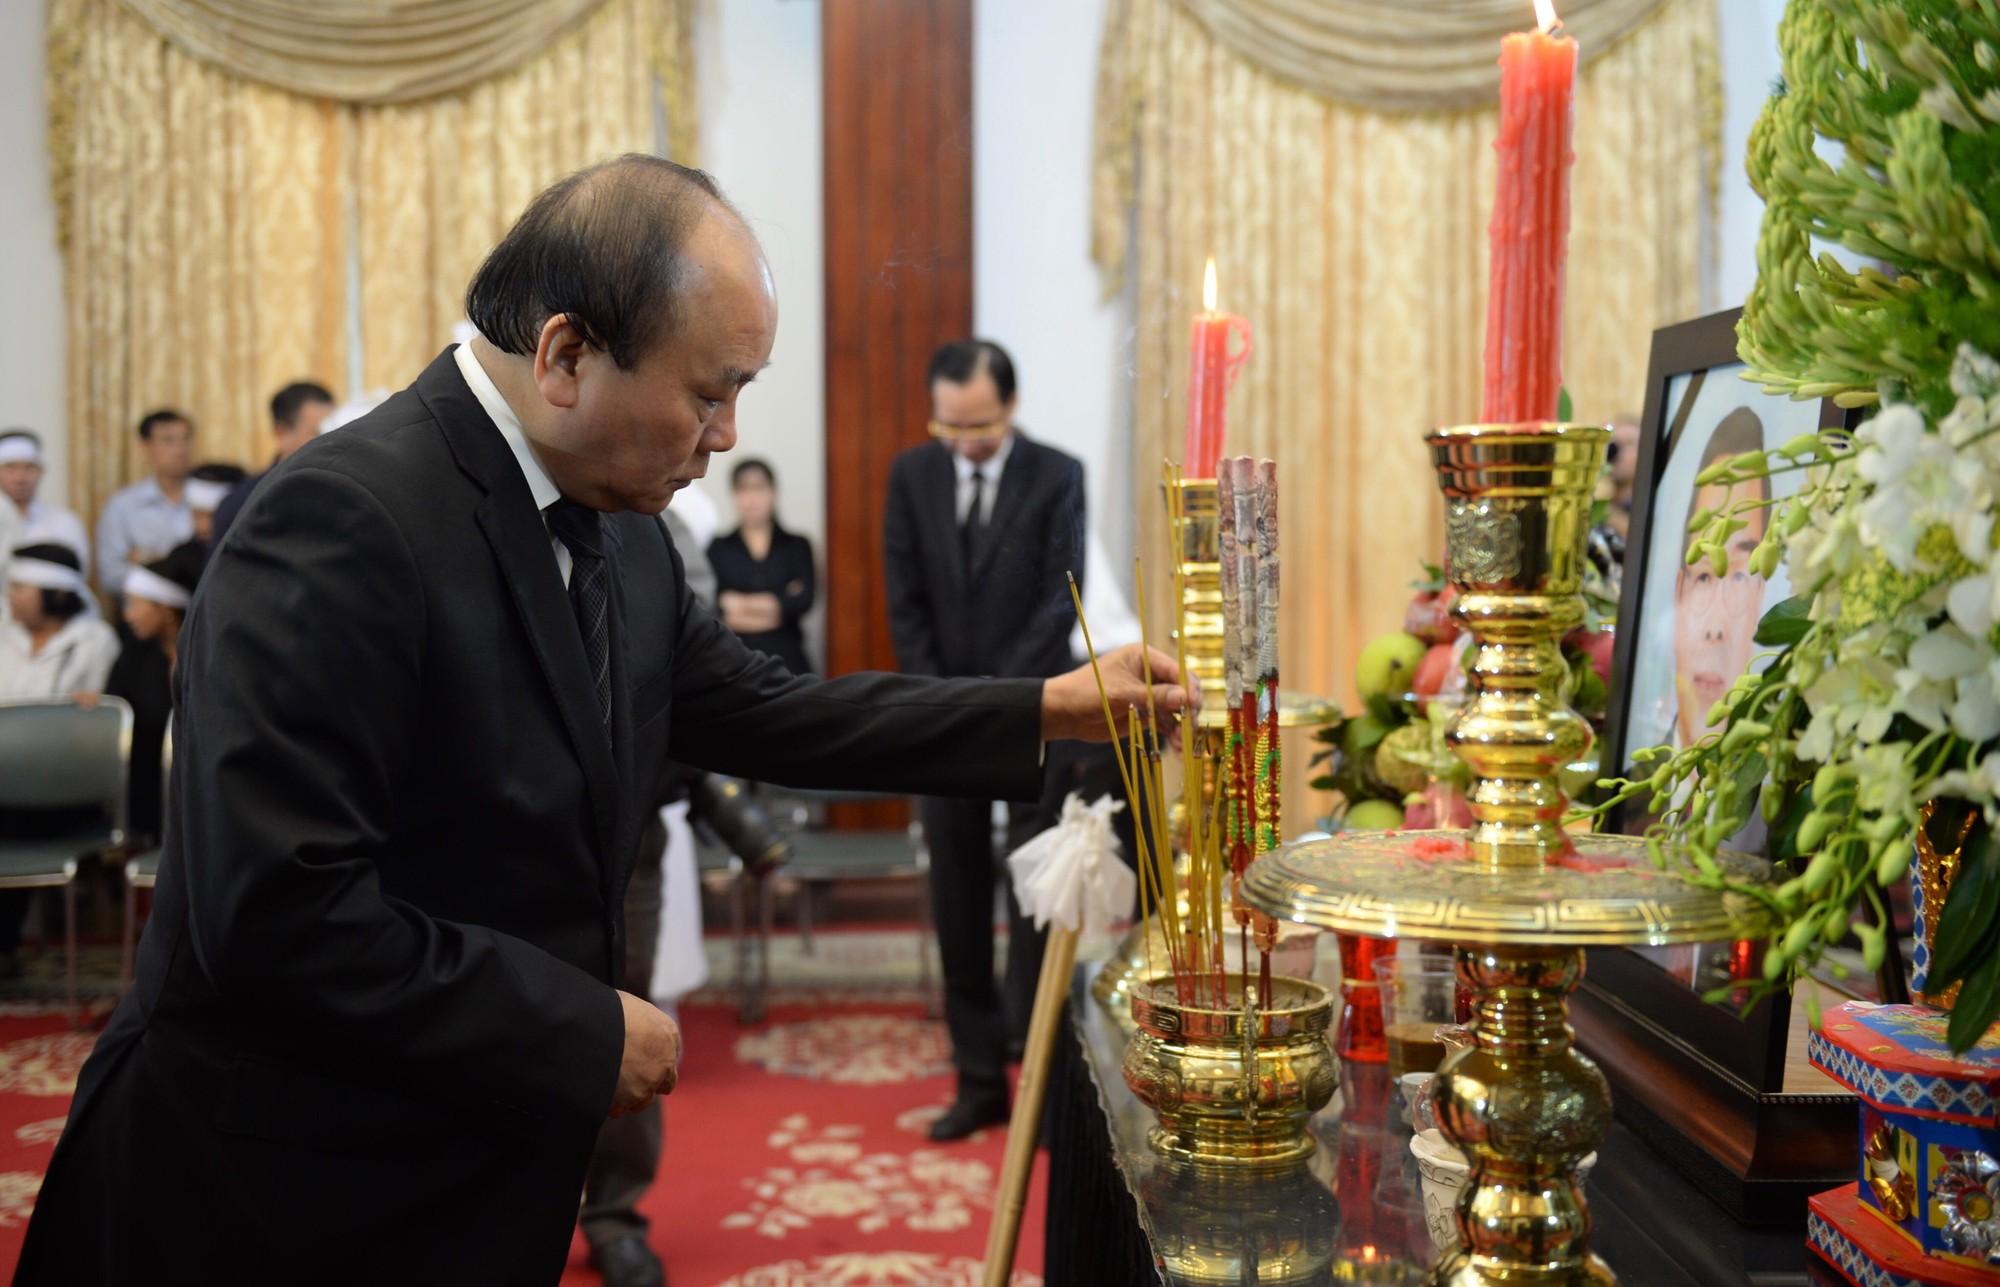 Vietnamese leaders, people attend state funeral of late premier Phan Van Khai